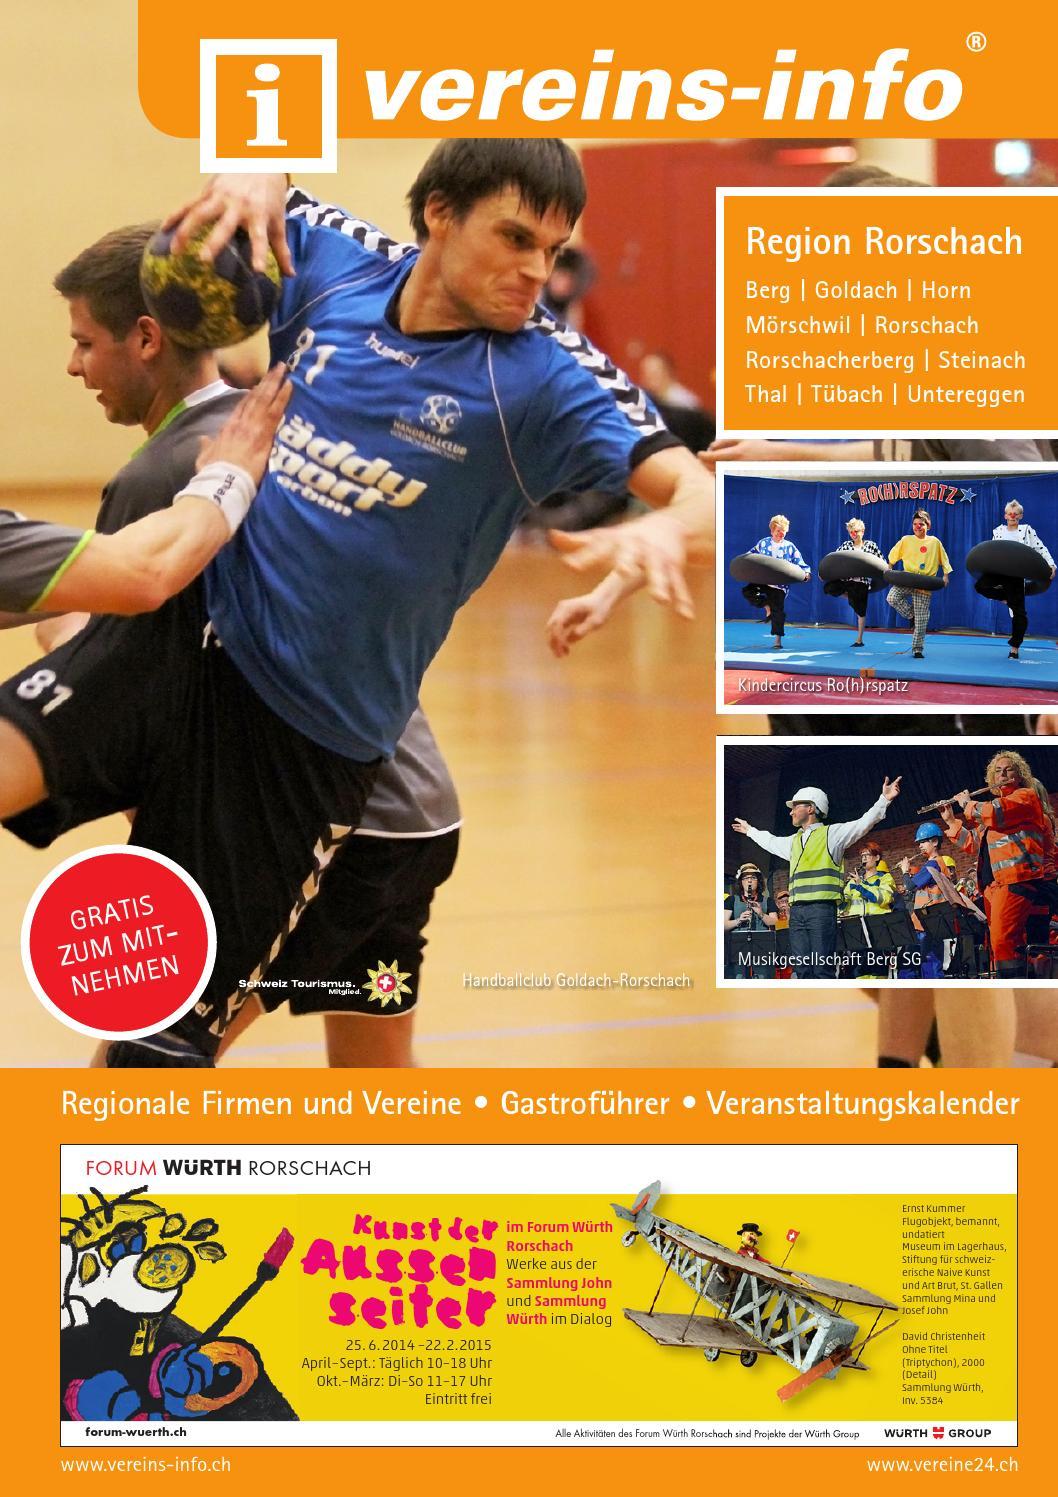 Vereins-info Rorschach 2014 by Miplan AG - issuu